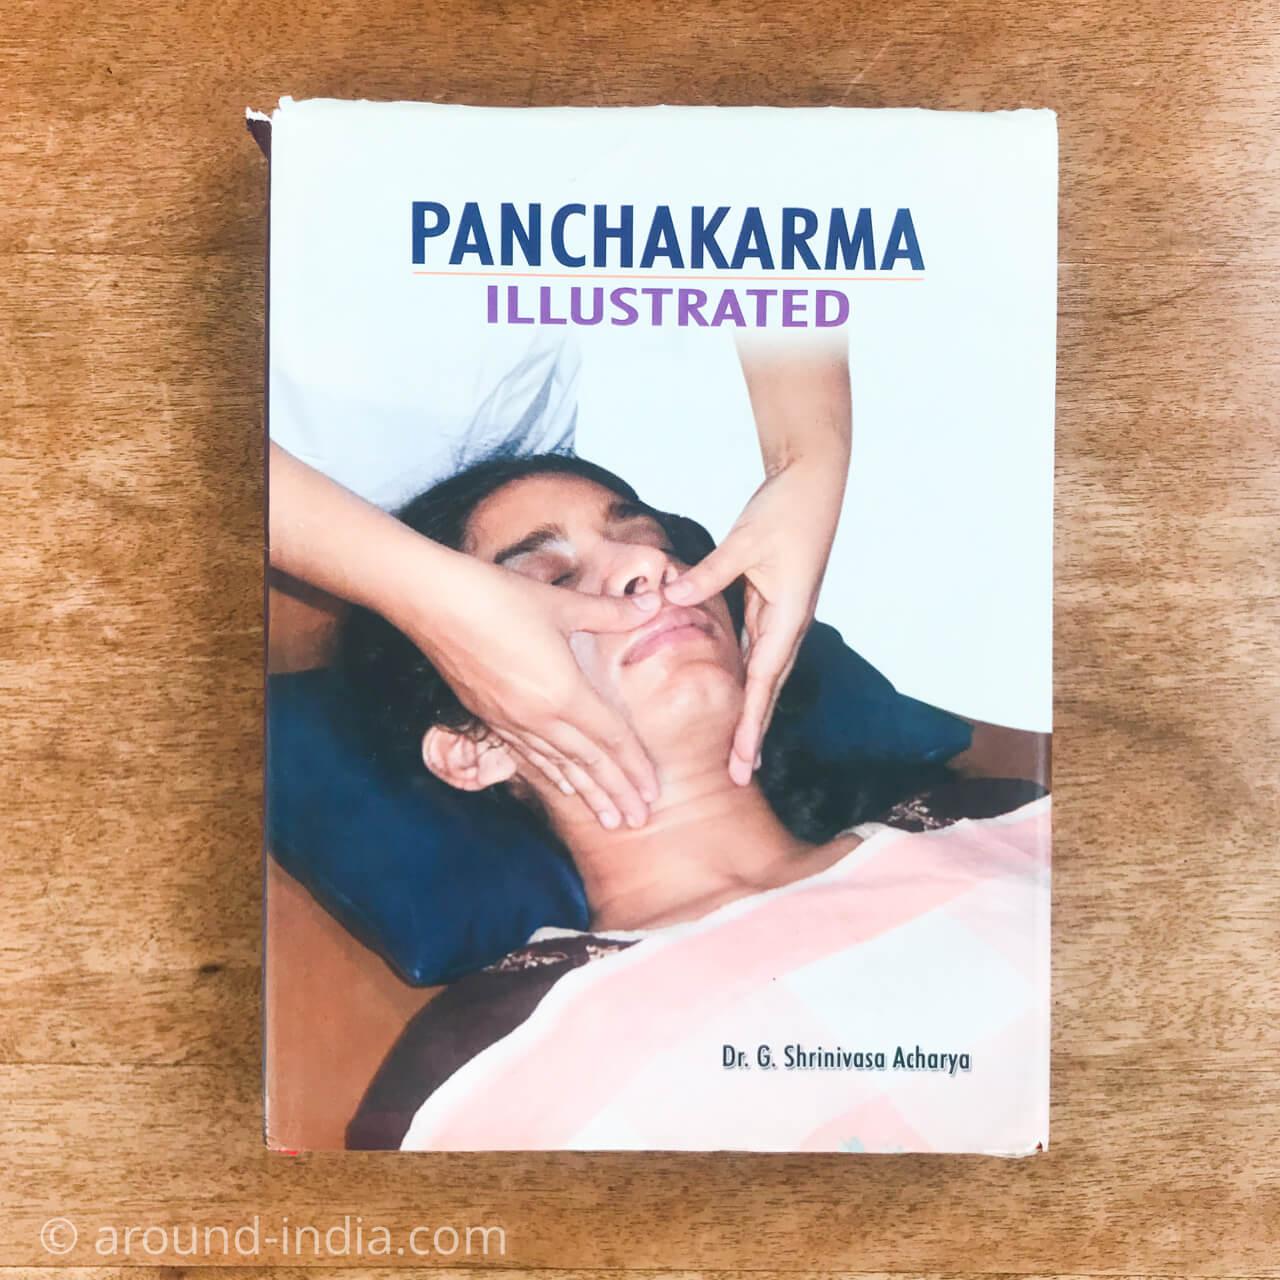 アーユルヴェーダの本 Panchakarma Illustrated パンチャカルマ図解